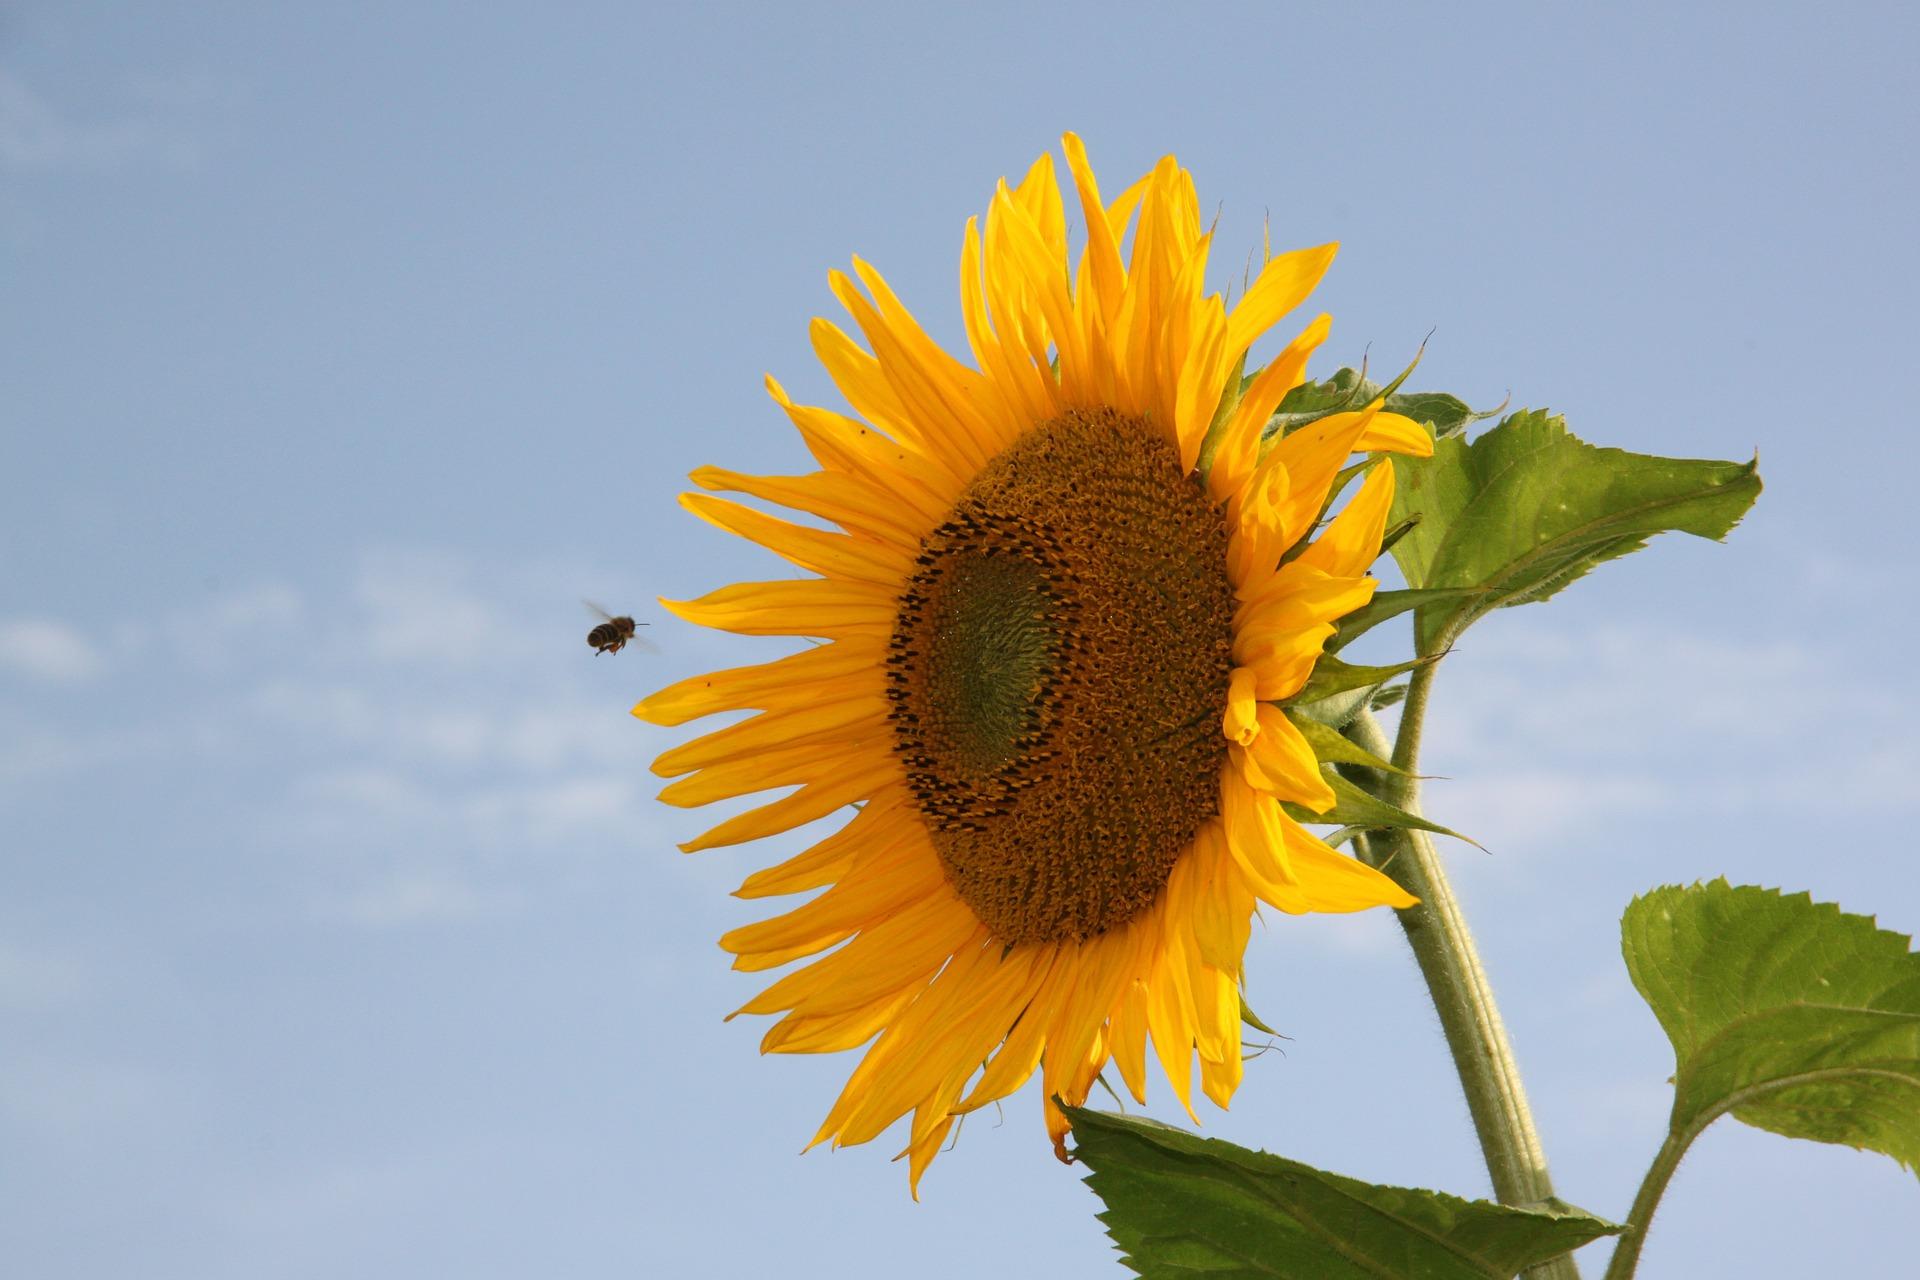 عباد الشمس, نحلة, حبوب اللقاح, صيف, السماء - خلفيات عالية الدقة - أستاذ falken.com